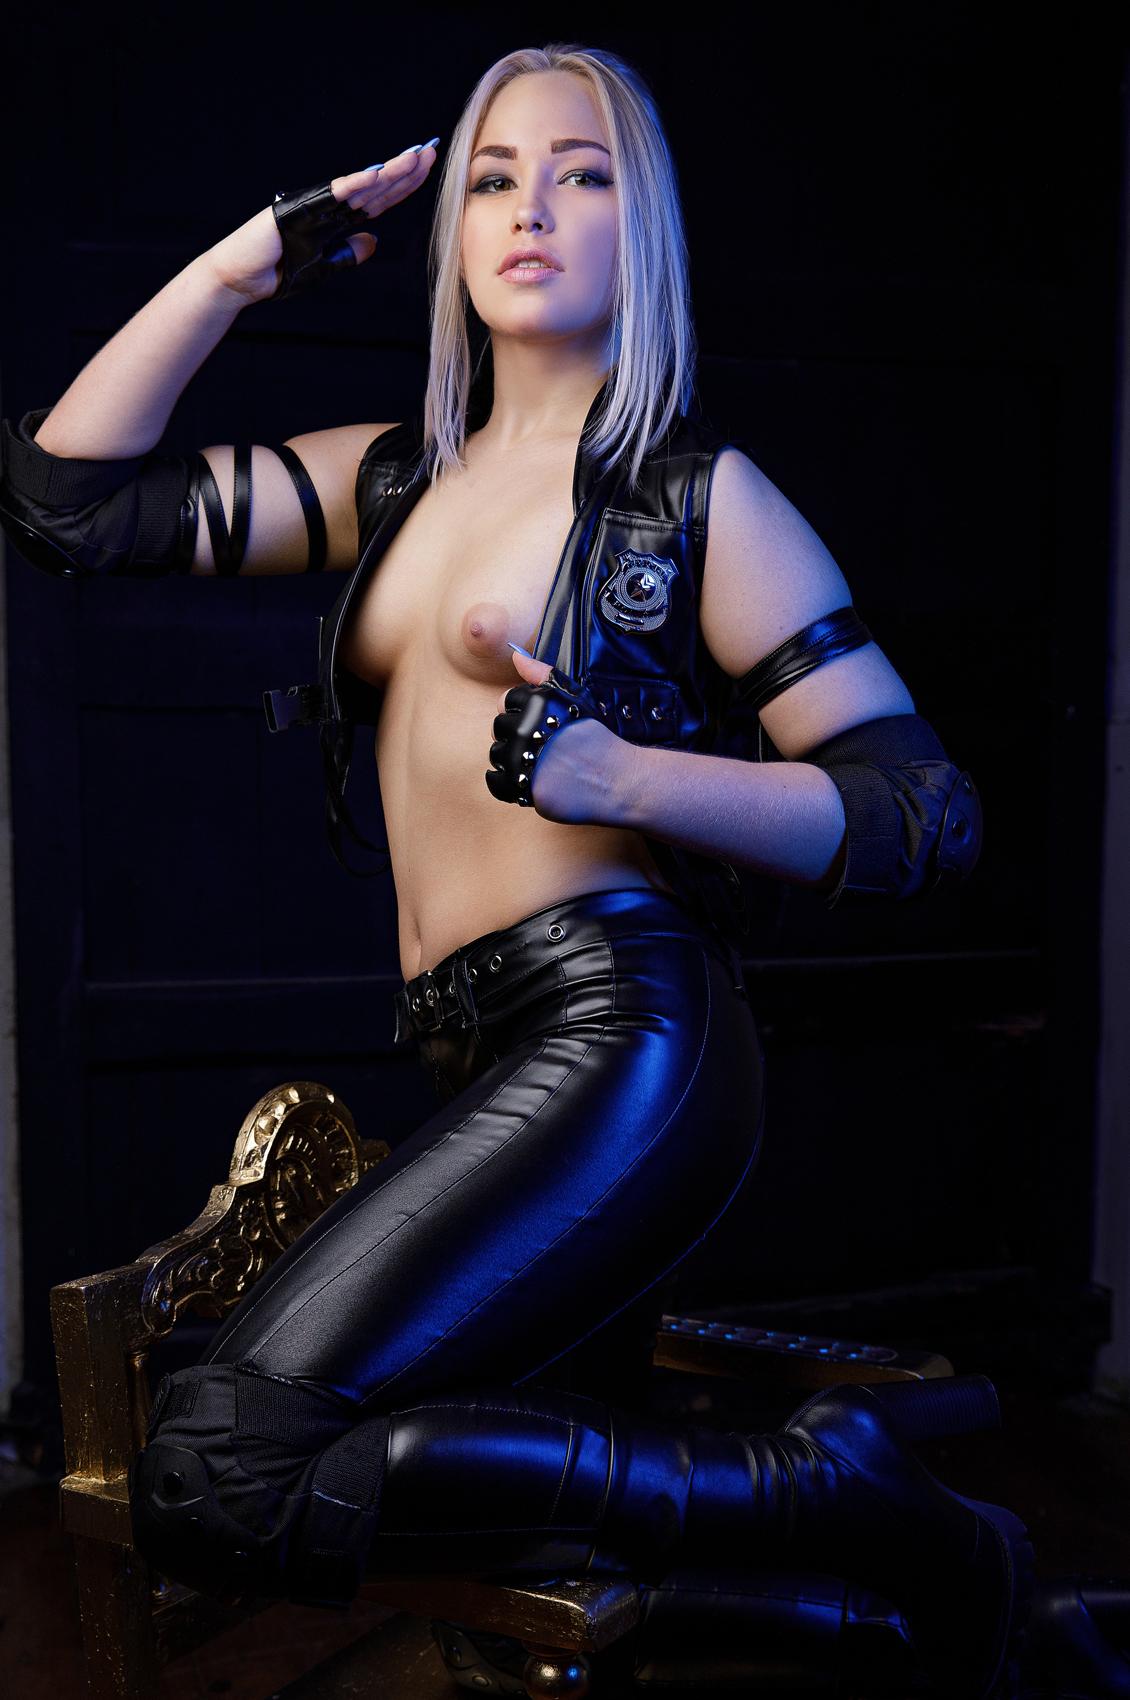 Selvaggia Babe's VR Porn Videos, Bio & Free Nude Pics